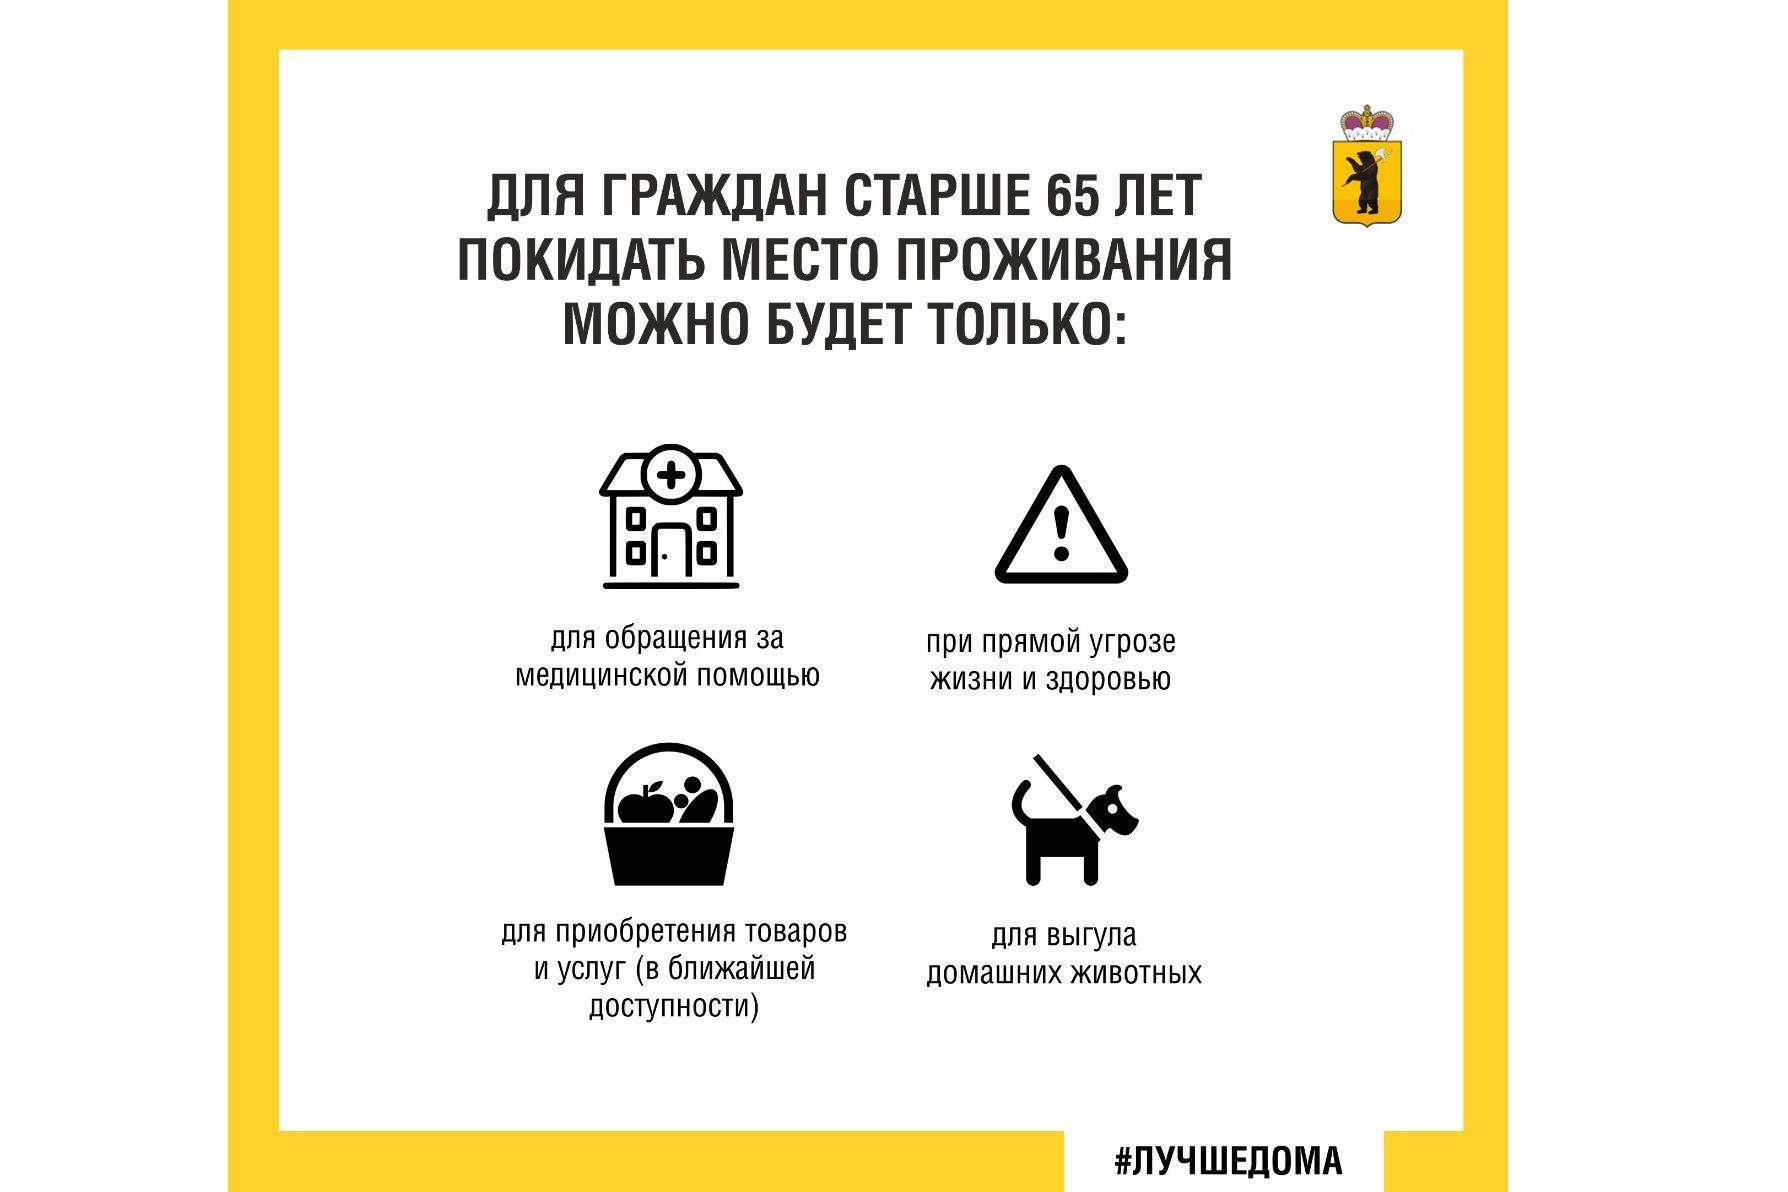 Дмитрий Миронов ввел обязательный режим самоизоляции для пожилых граждан